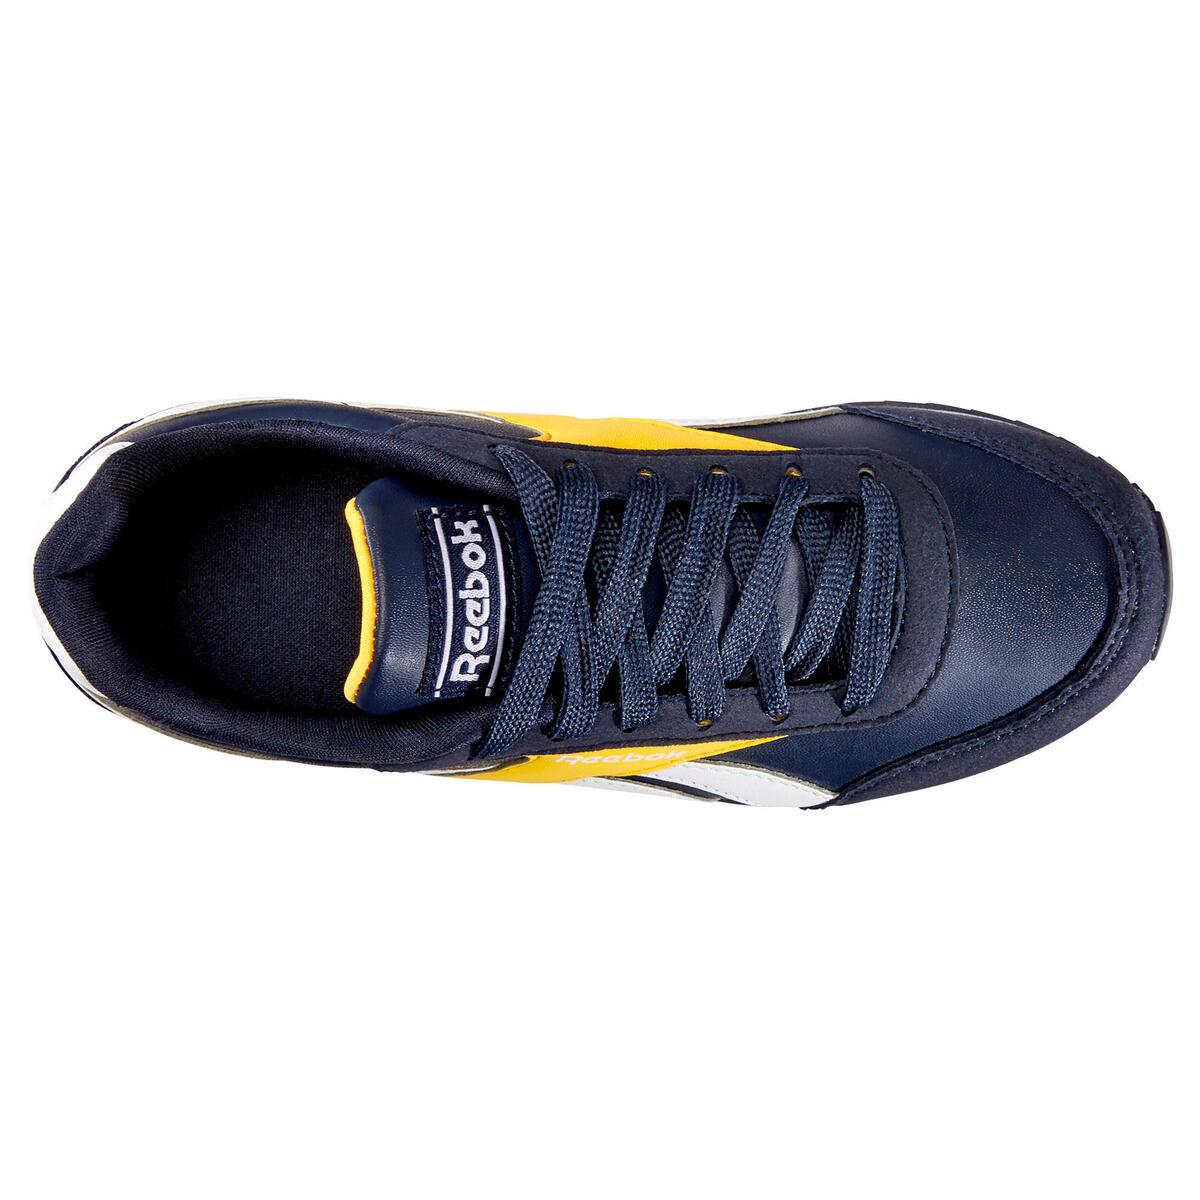 Bild 5 von Sportschuhe Walking Royal Schnürsenkel Kinder marineblau